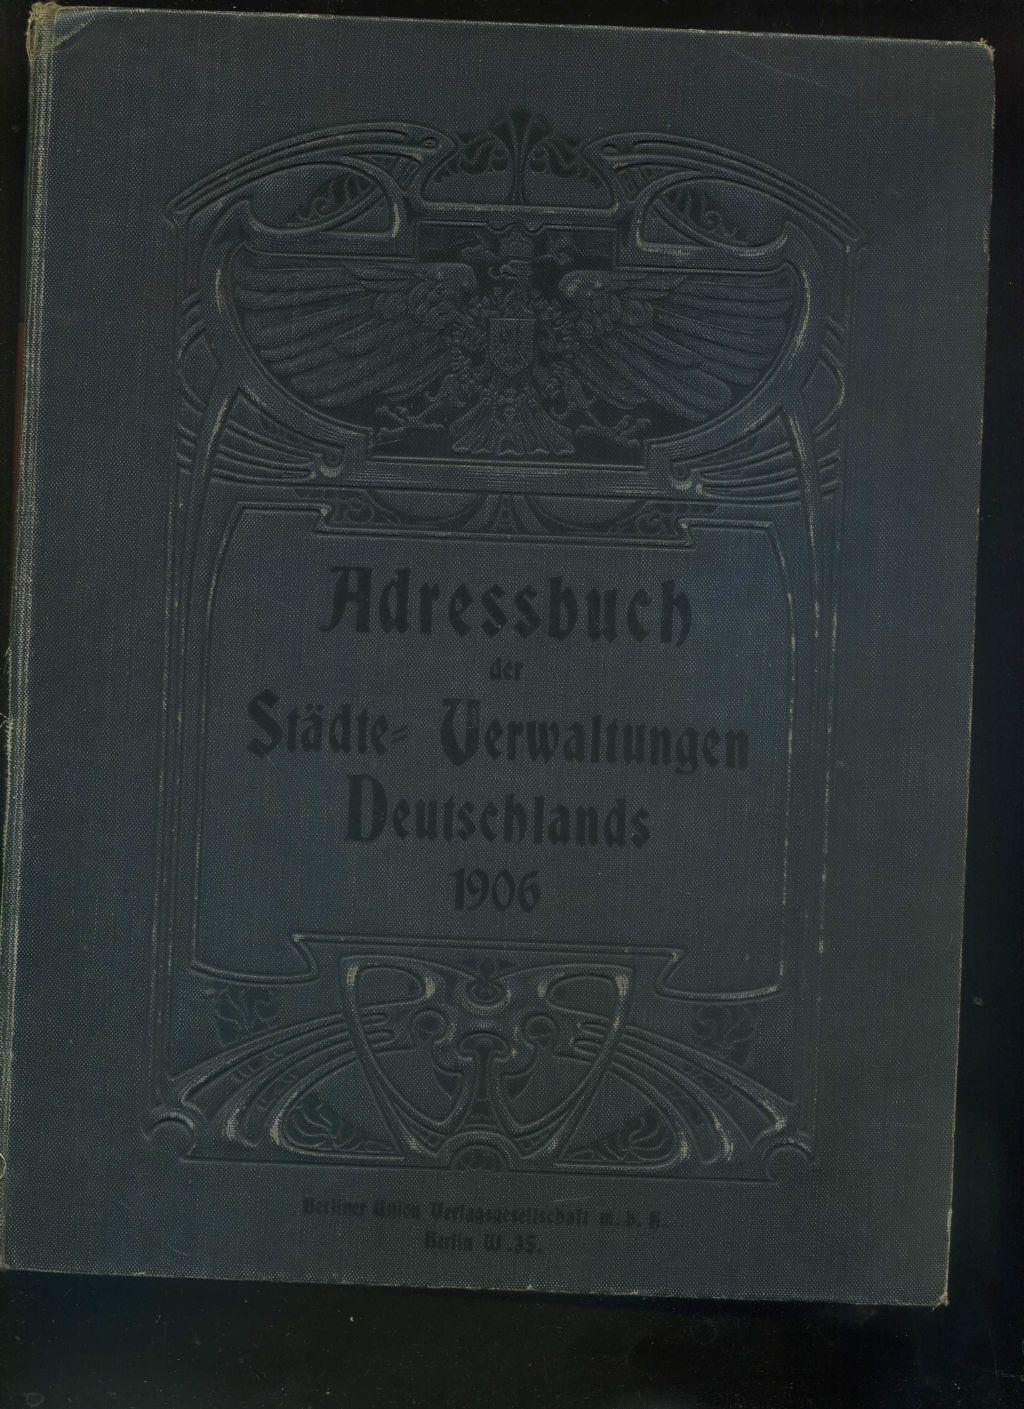 Adressbuch der der Städte - Verwaltungen Deutschlands: Renne, Albert: